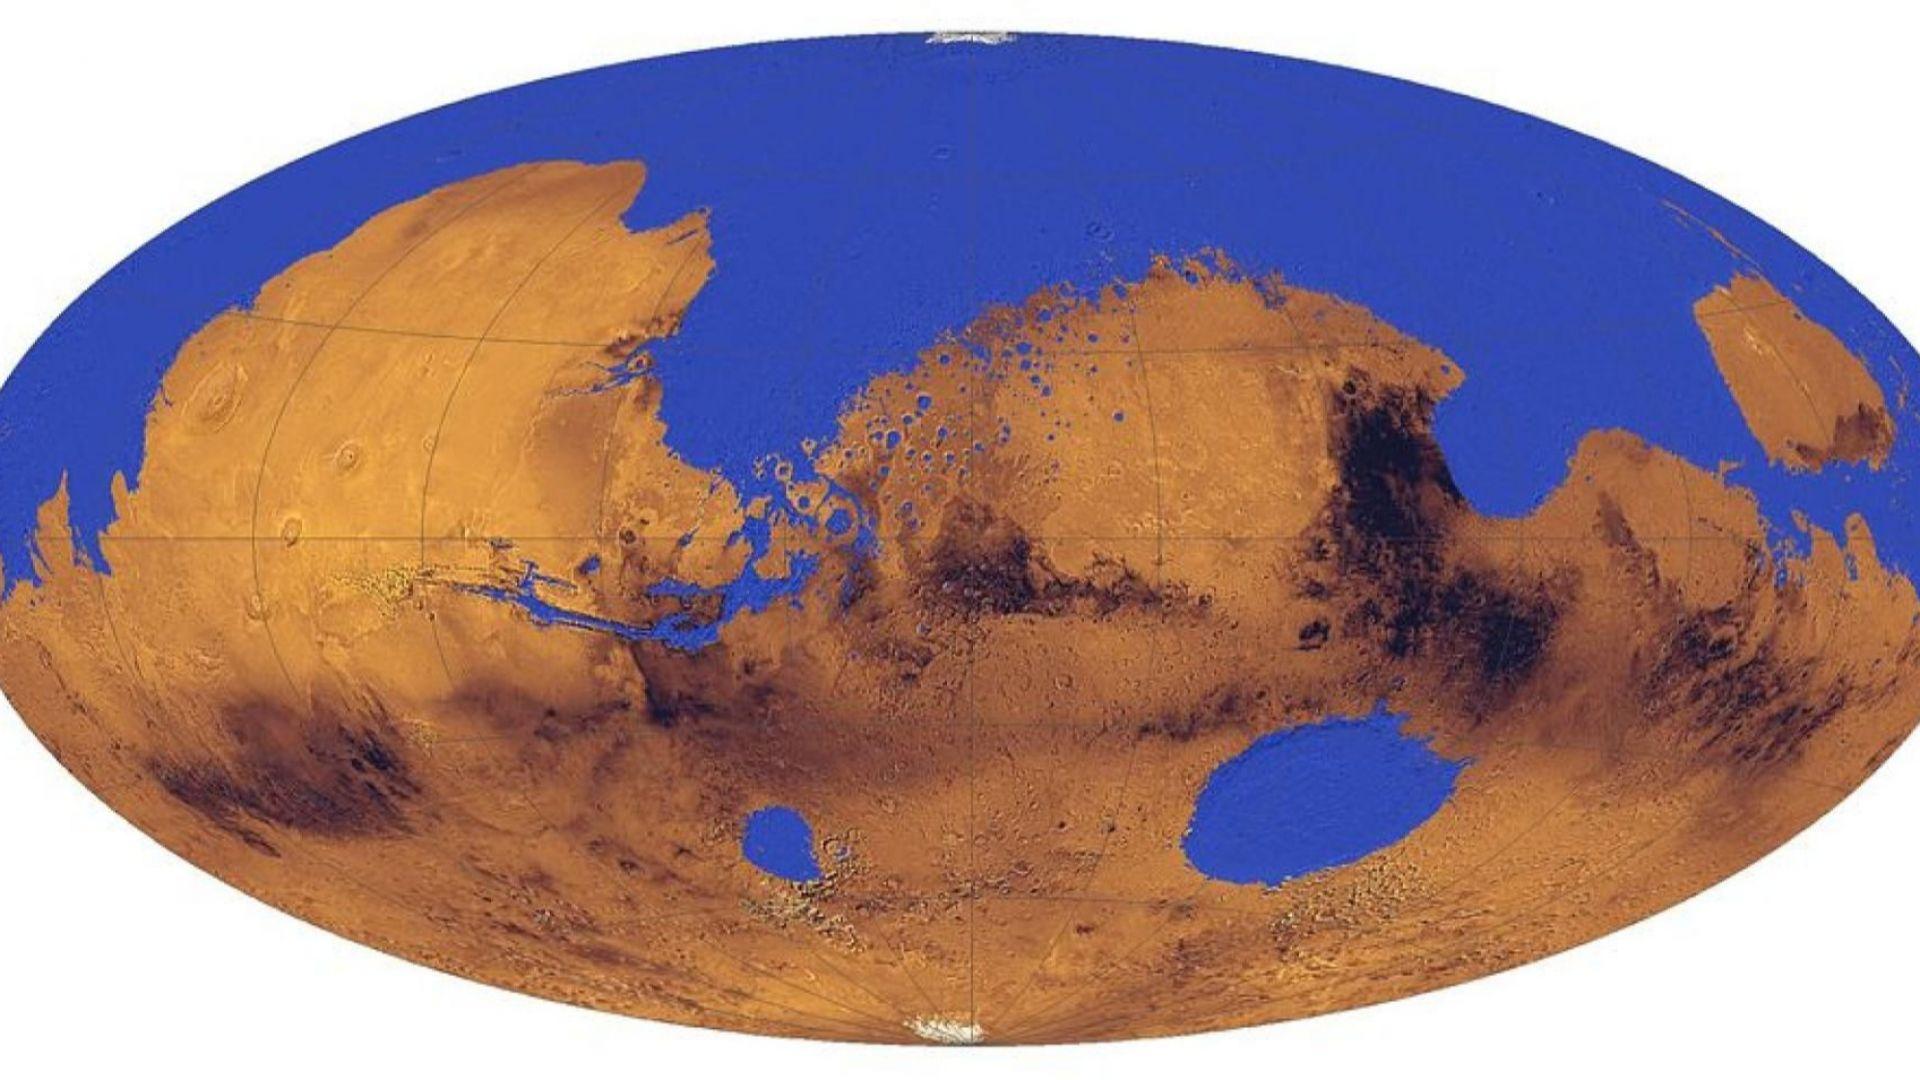 Учените смятат, че Марс е изглеждал така преди няколко милиарда години